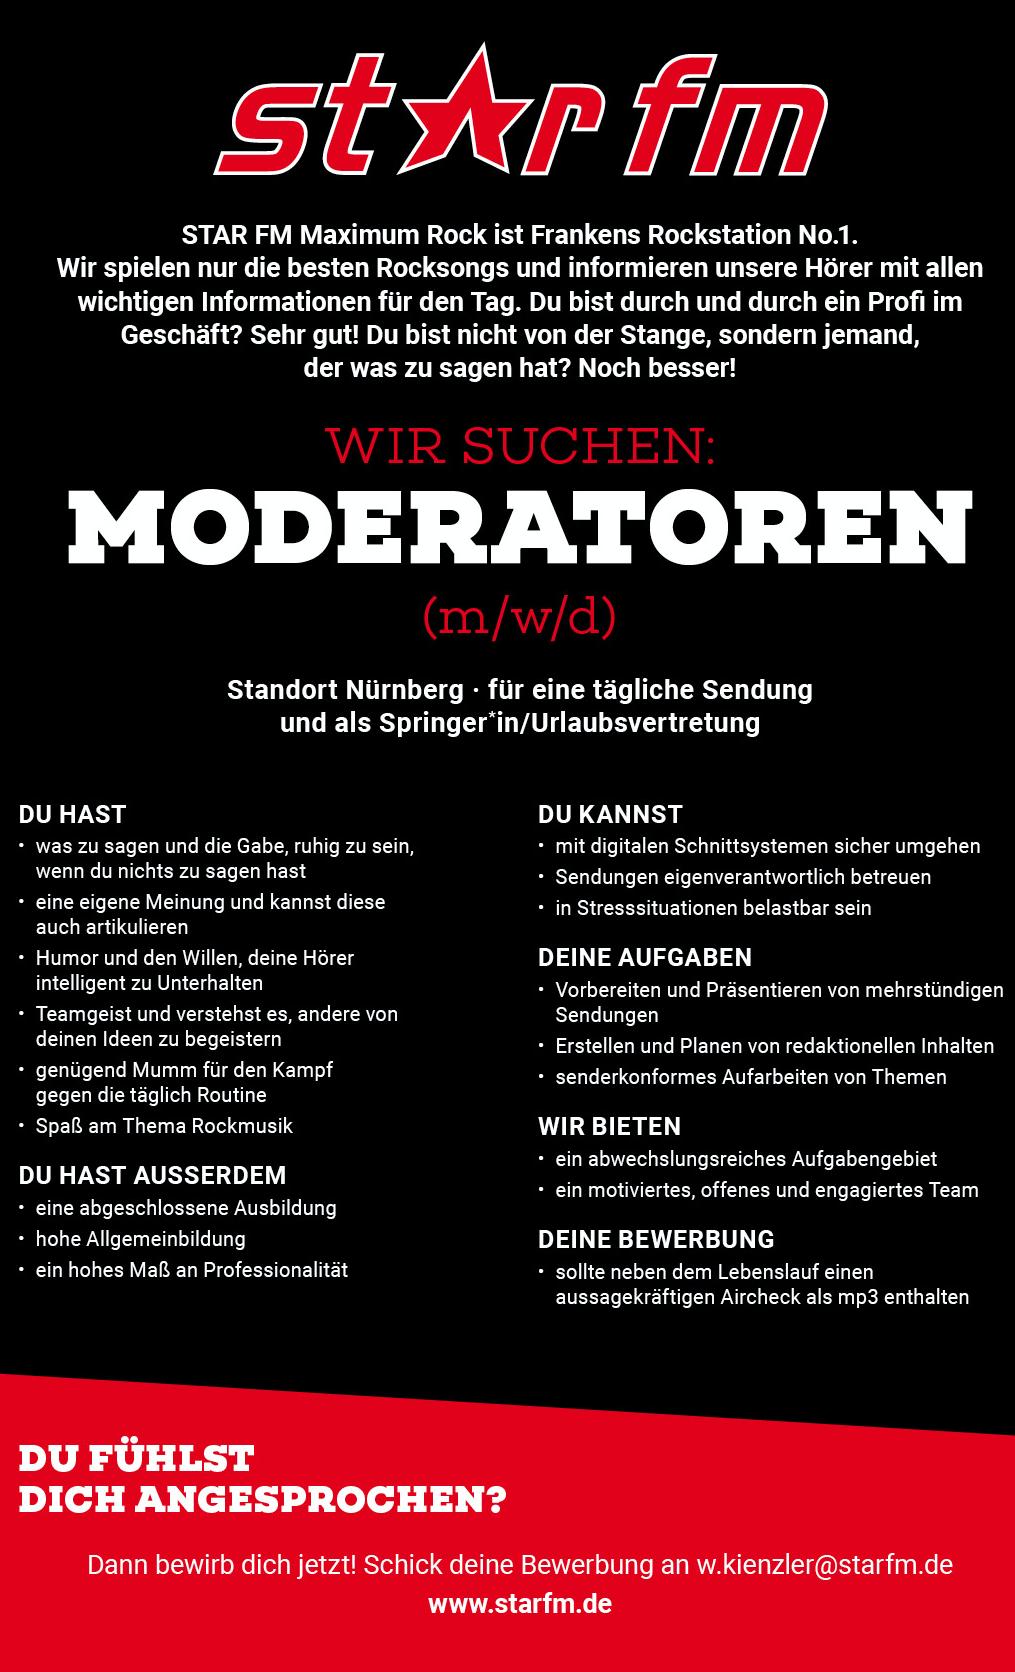 STAR FM Nürnberg sucht Moderatoren (m/w/d)